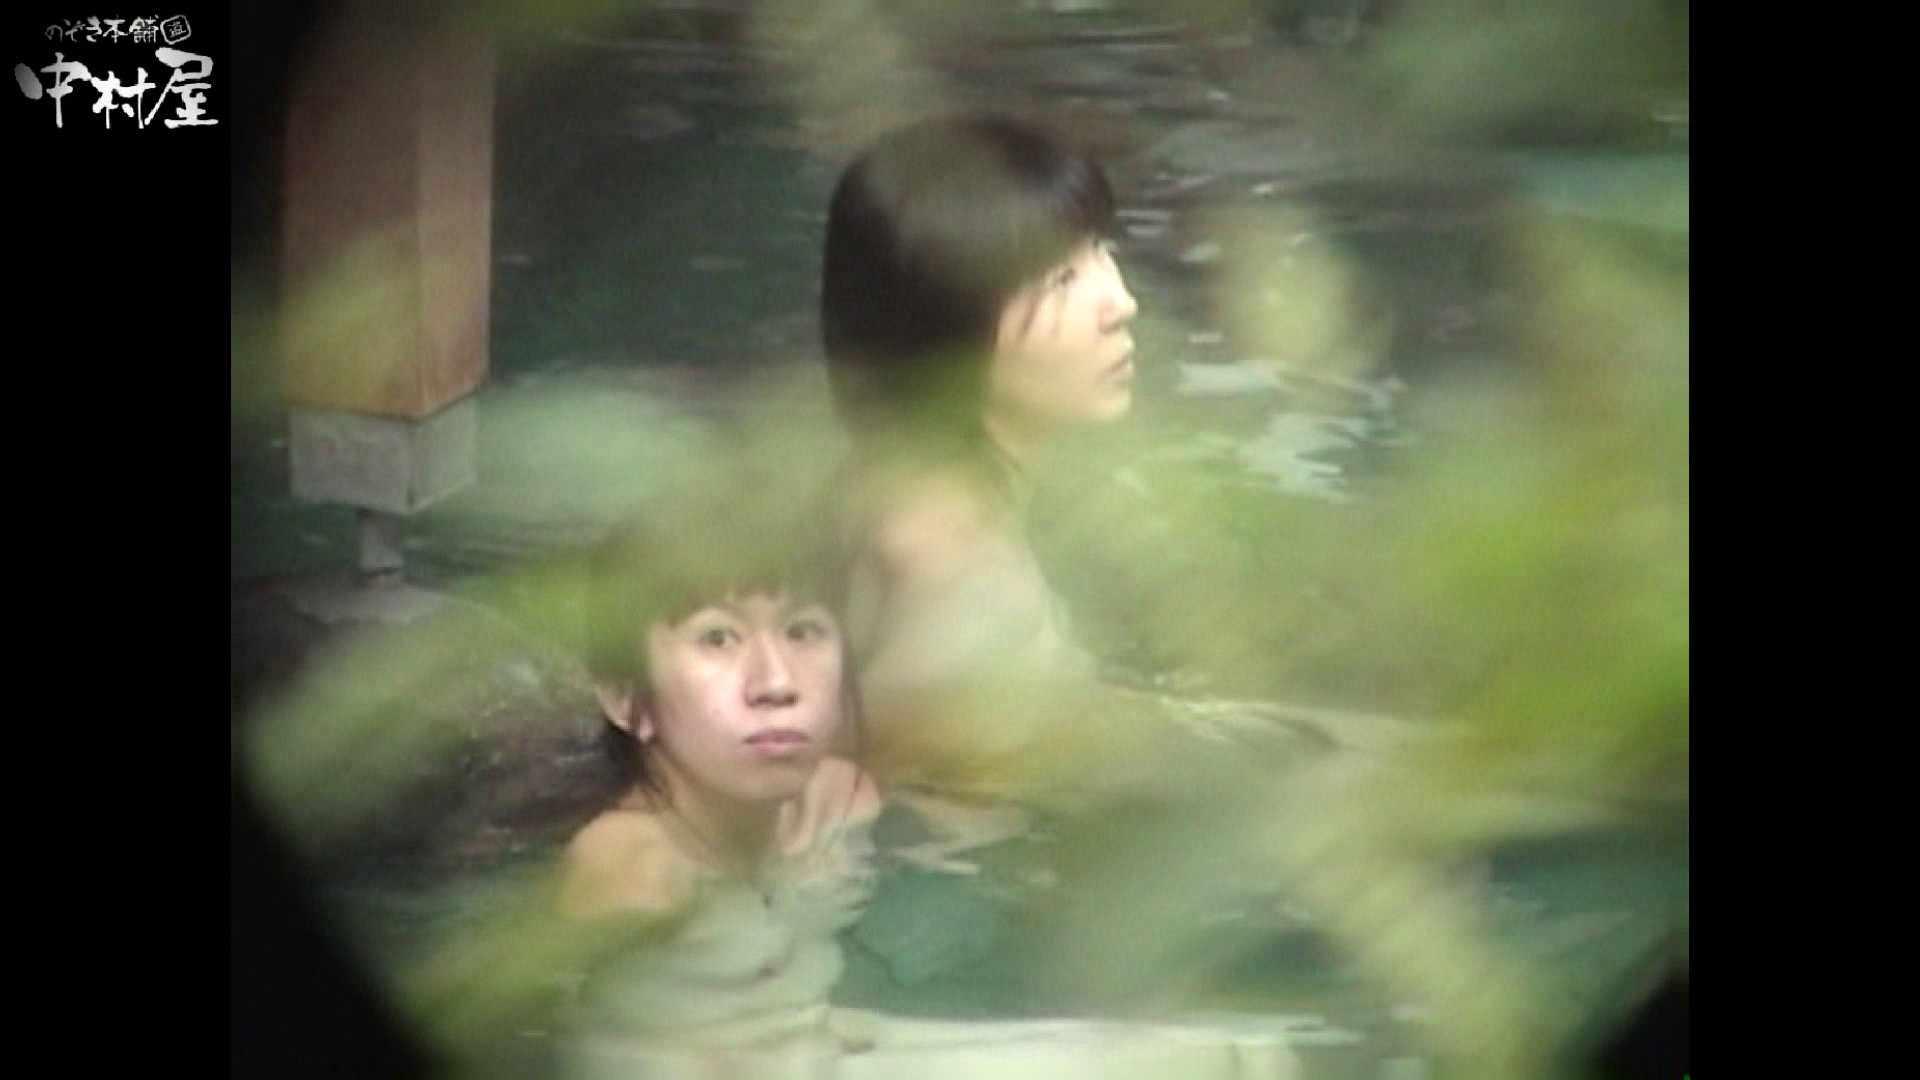 Aquaな露天風呂Vol.953 OLのエロ生活  107連発 36